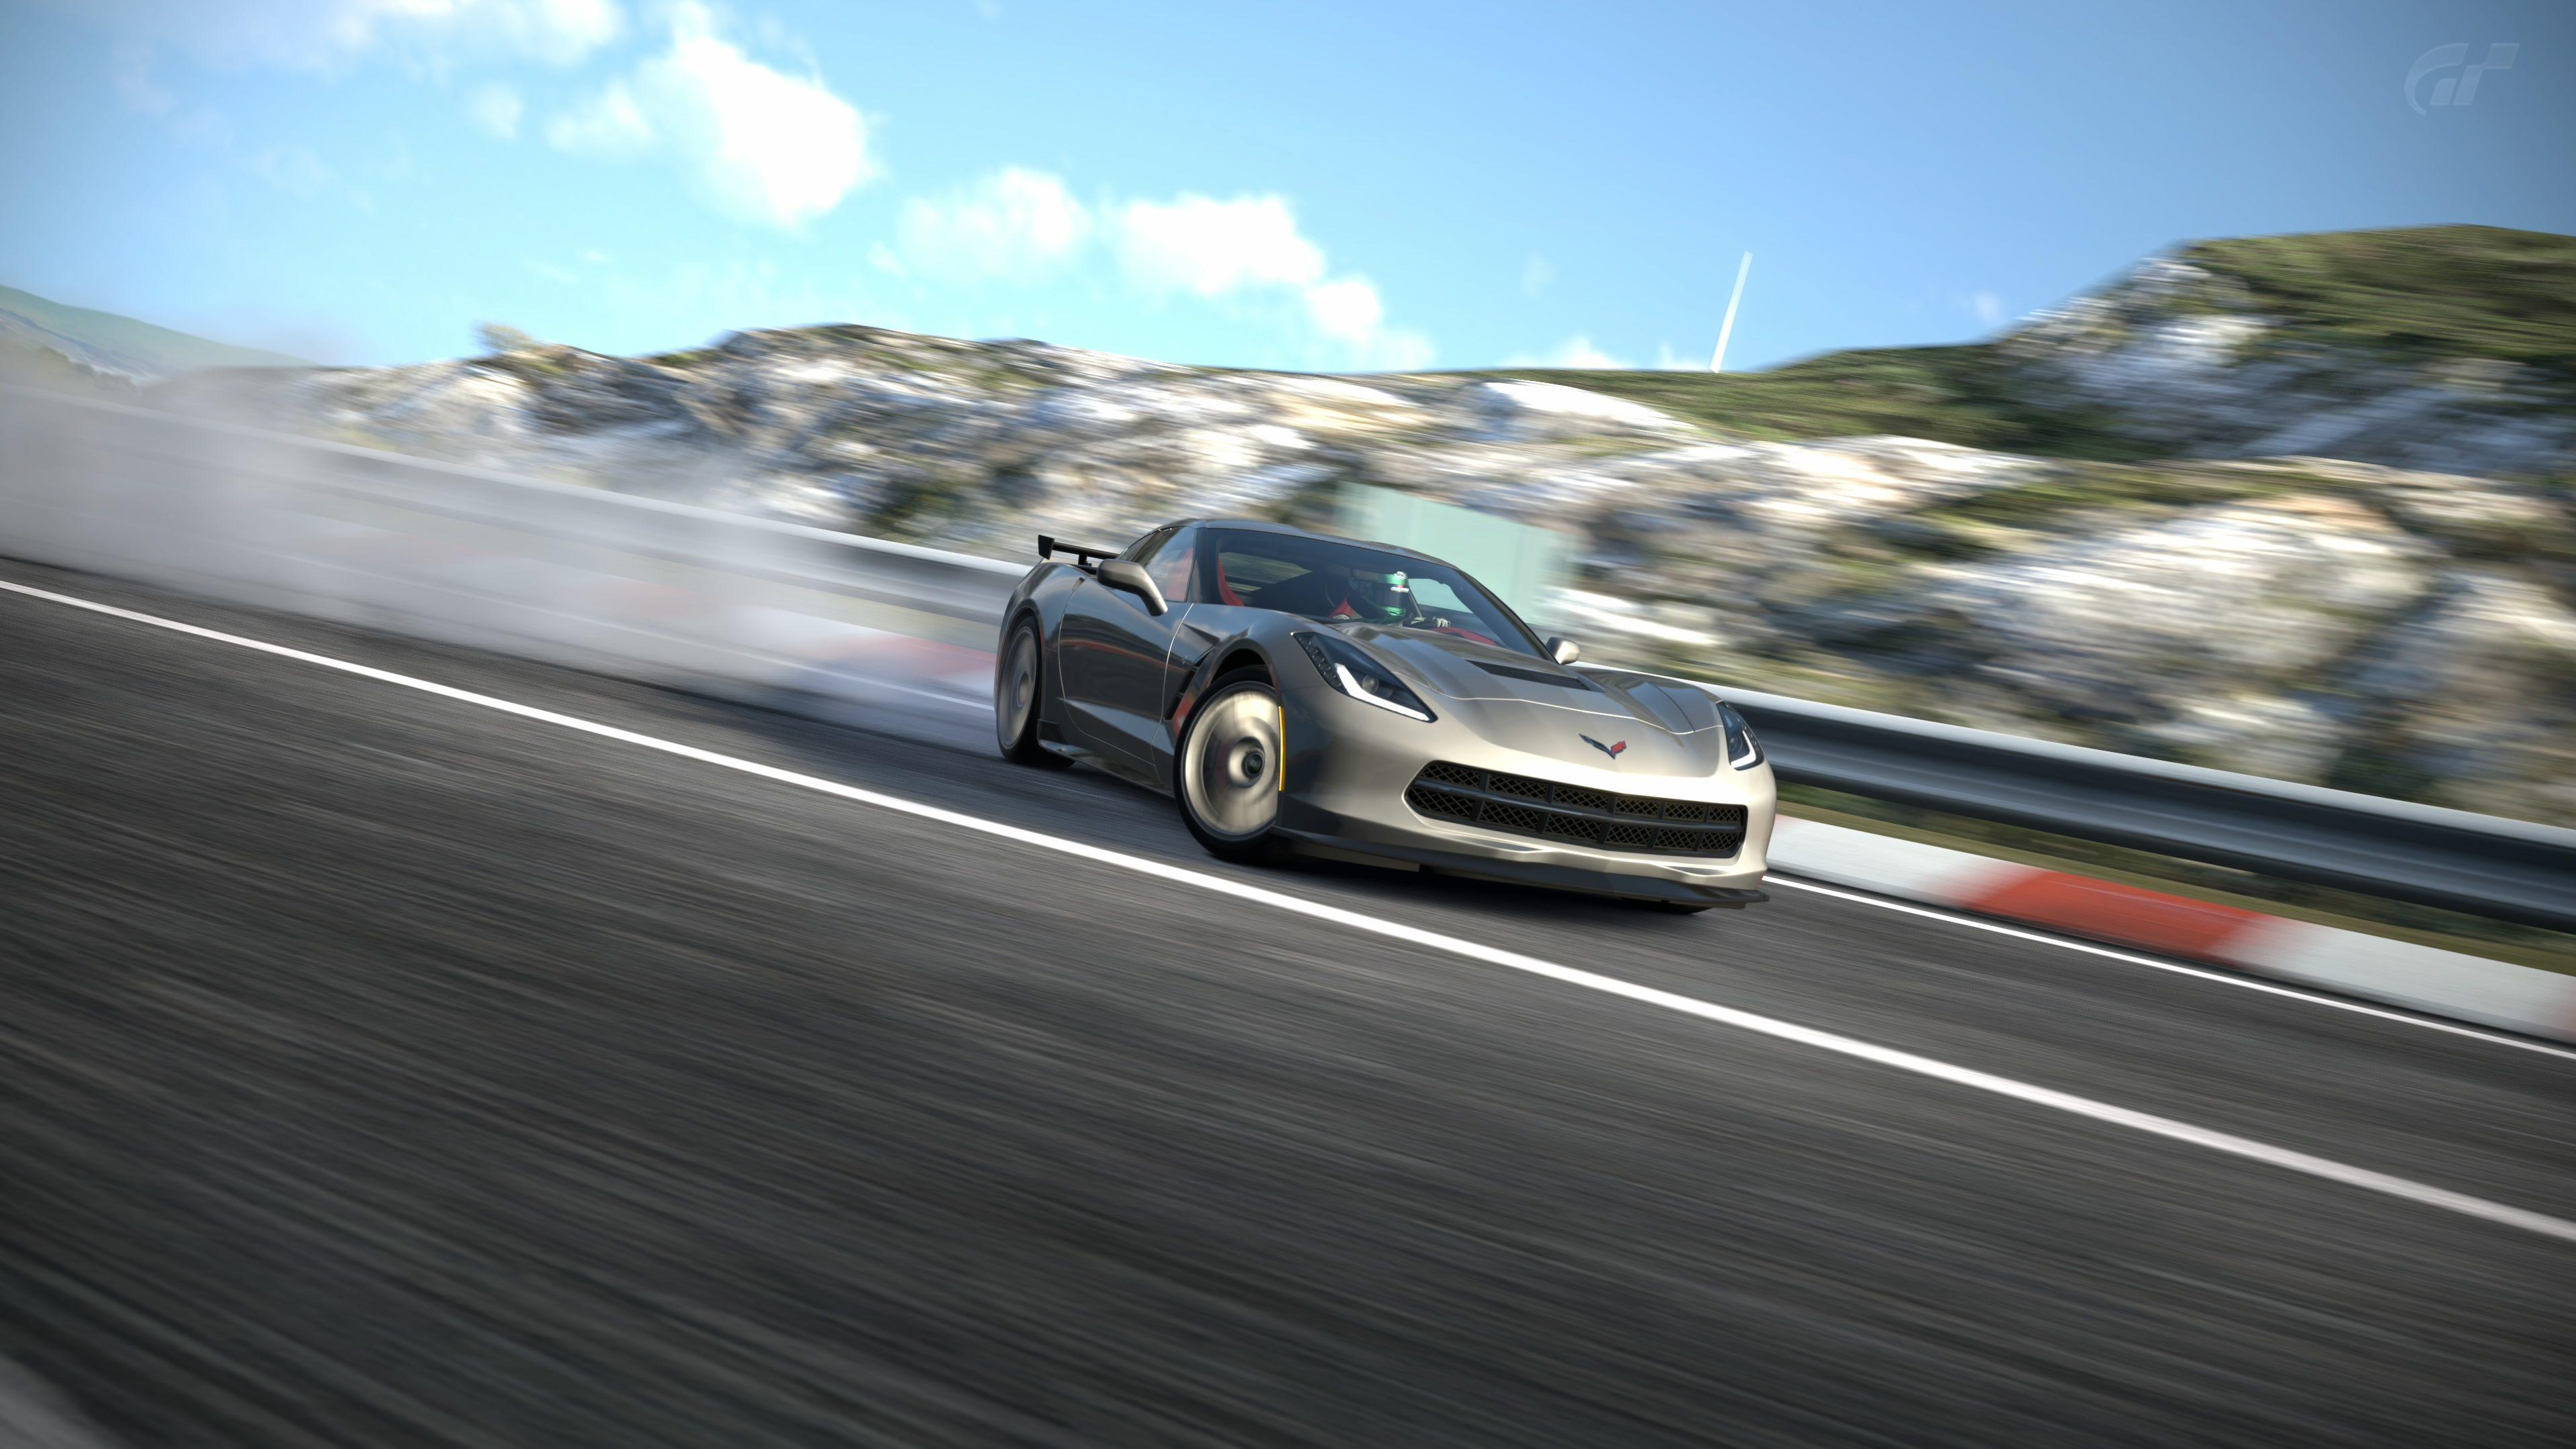 Corvette Z06 (C7) (1).jpg